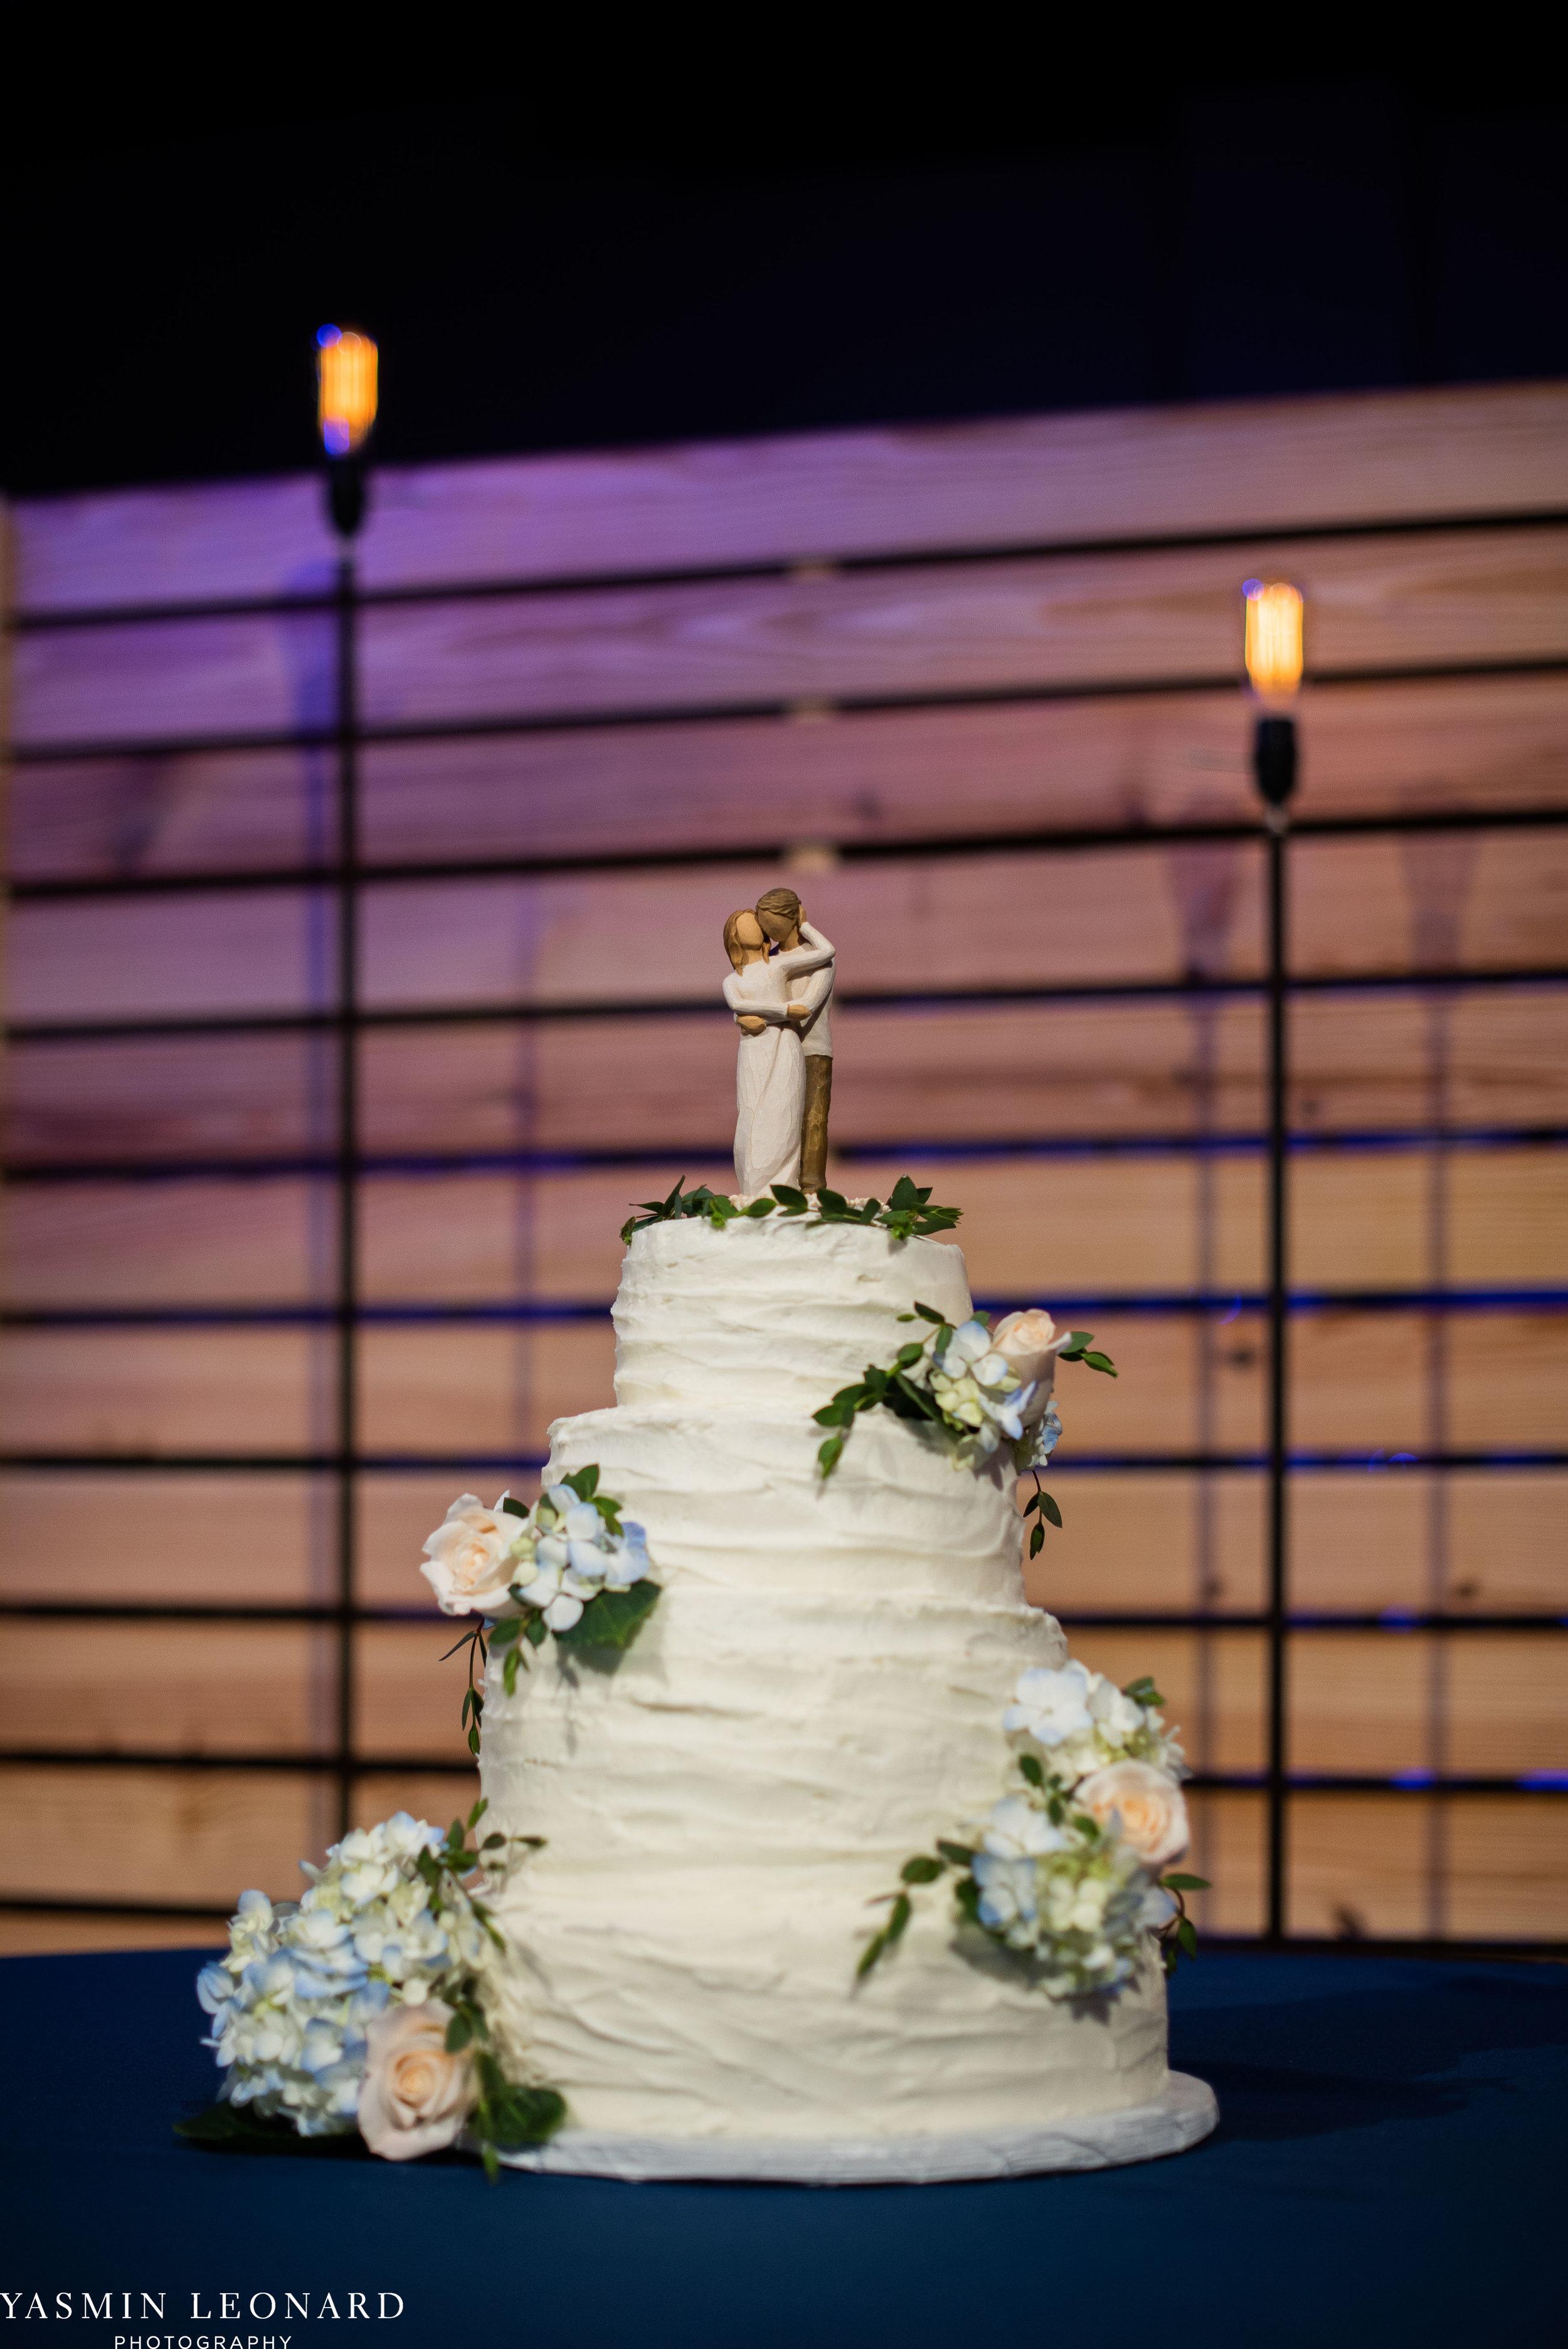 Mt. Pleasant Church - Church Wedding - Traditional Wedding - Church Ceremony - Country Wedding - Godly Wedding - NC Wedding Photographer - High Point Weddings - Triad Weddings - NC Venues-44.jpg